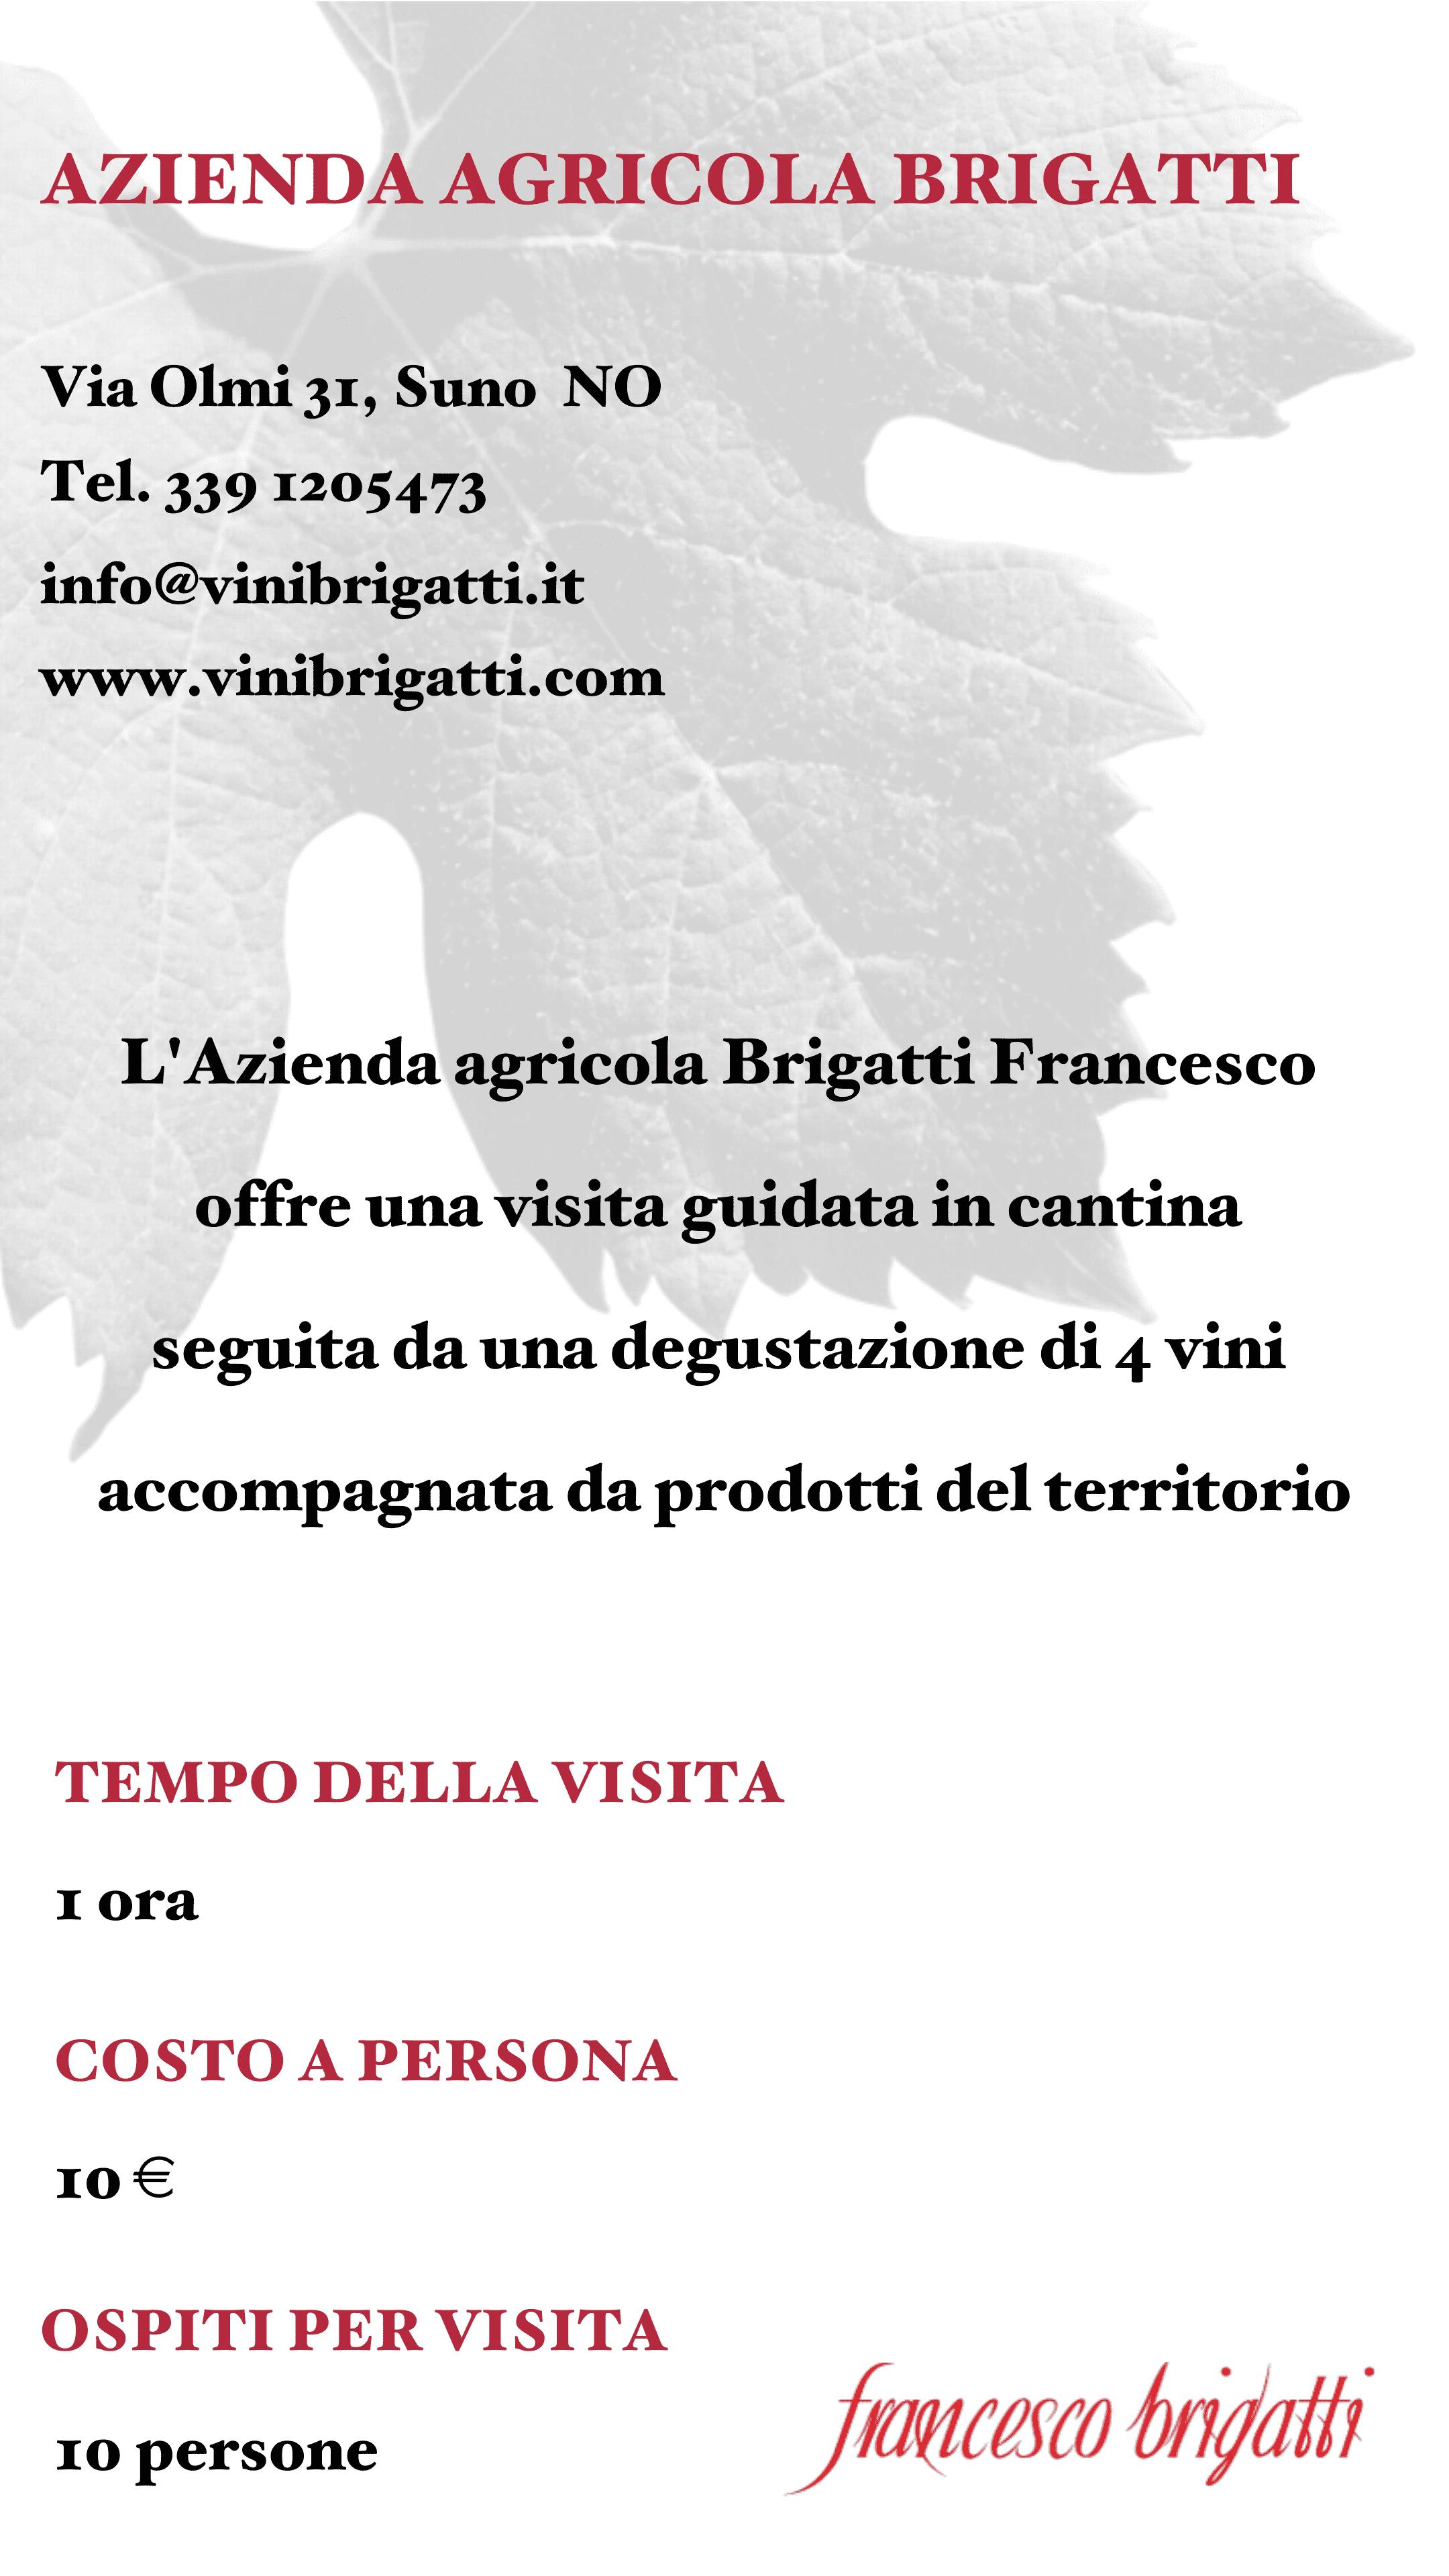 Azienda gricola Brigatti